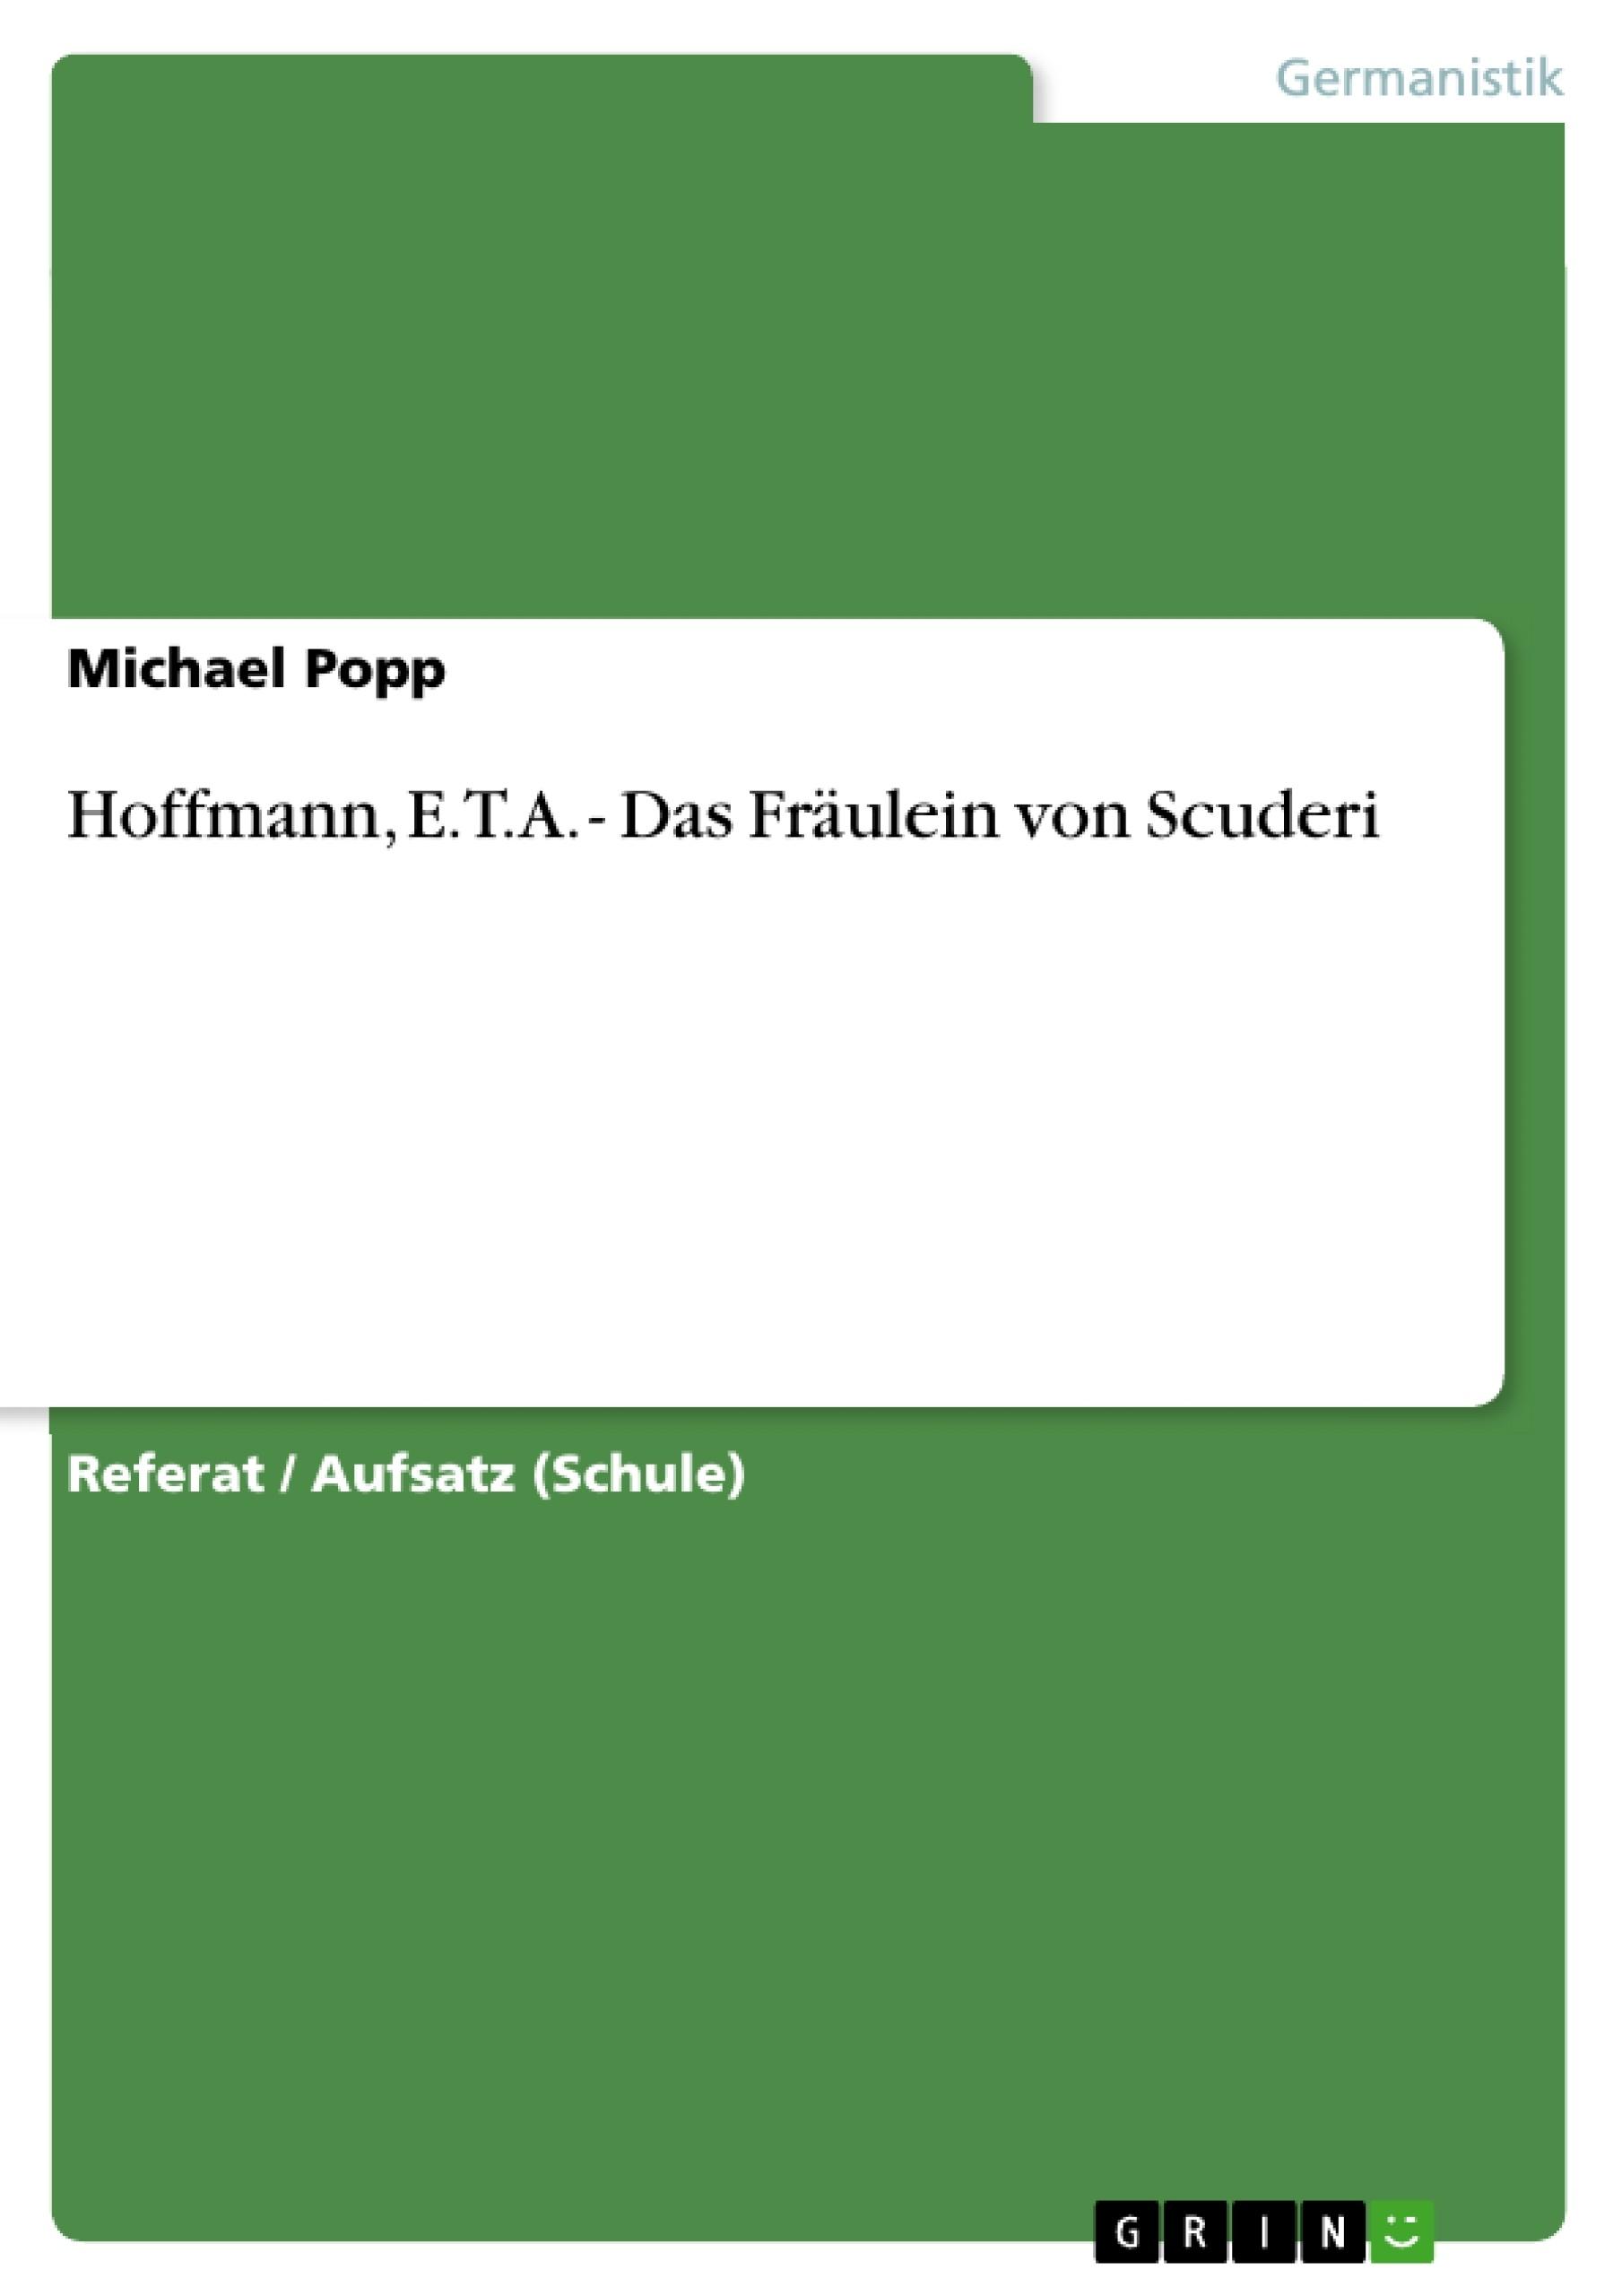 Titel: Hoffmann, E.T.A. - Das Fräulein von Scuderi